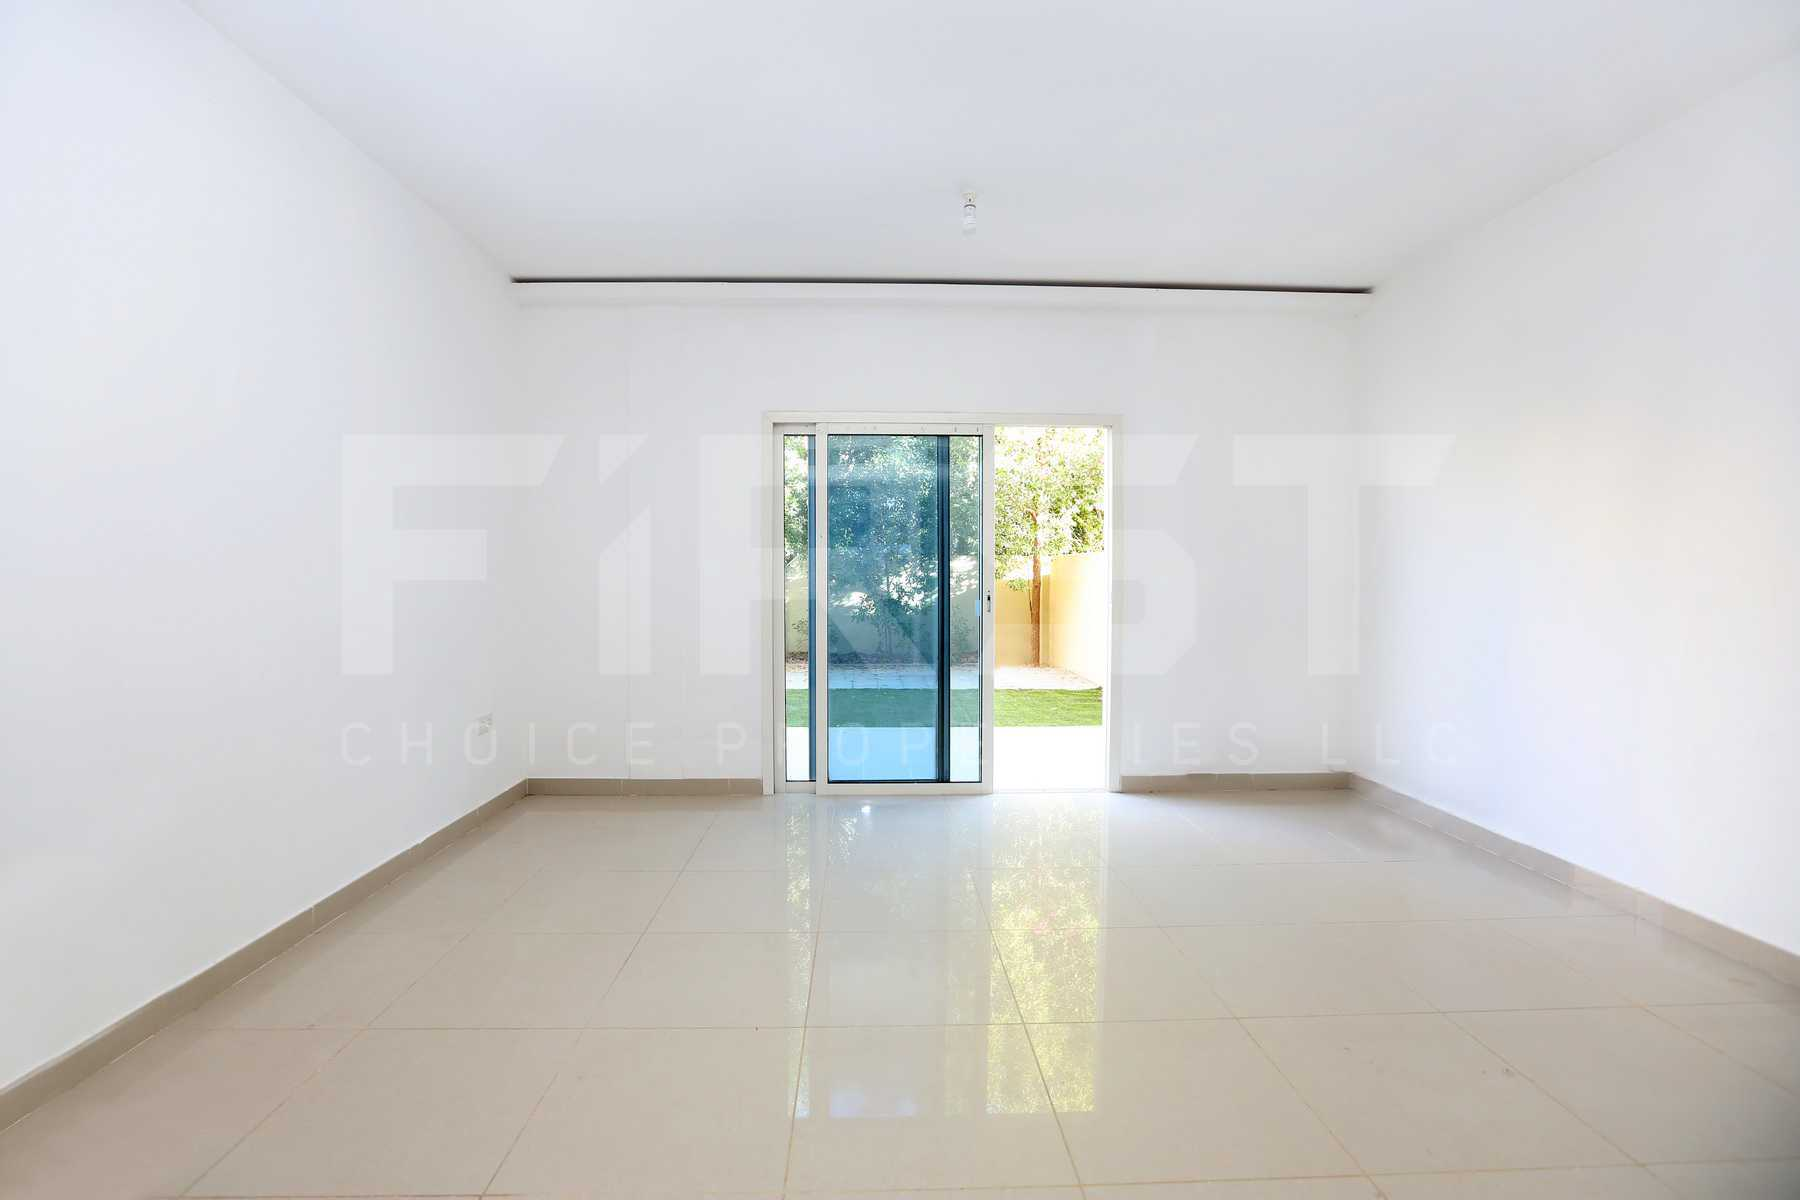 Internal Photo of 2 Bedroom Villa in Al Reef Villas  Al Reef Abu Dhabi UAE 170.2 sq.m 1832 sq.ft (6).jpg